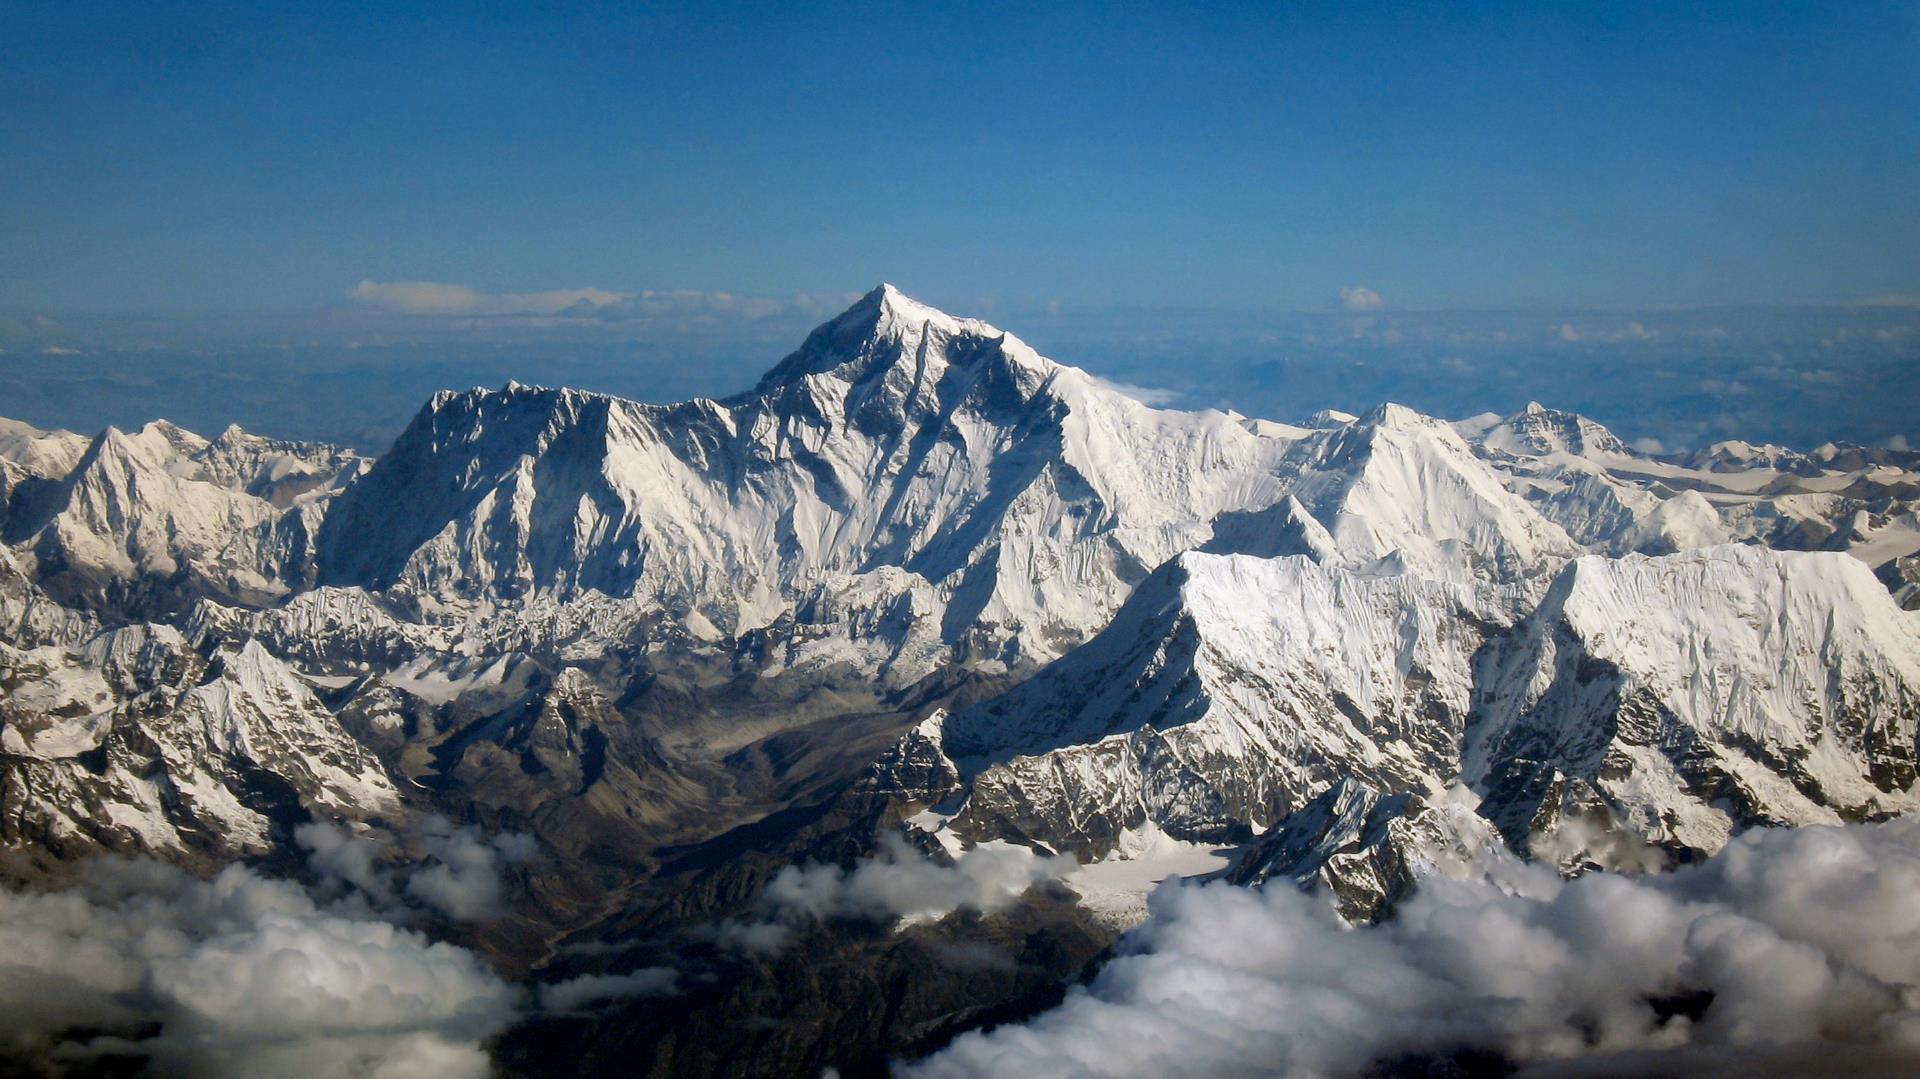 El Monte Everest tendrá Wi-Fi gratis (el más alto del mundo)